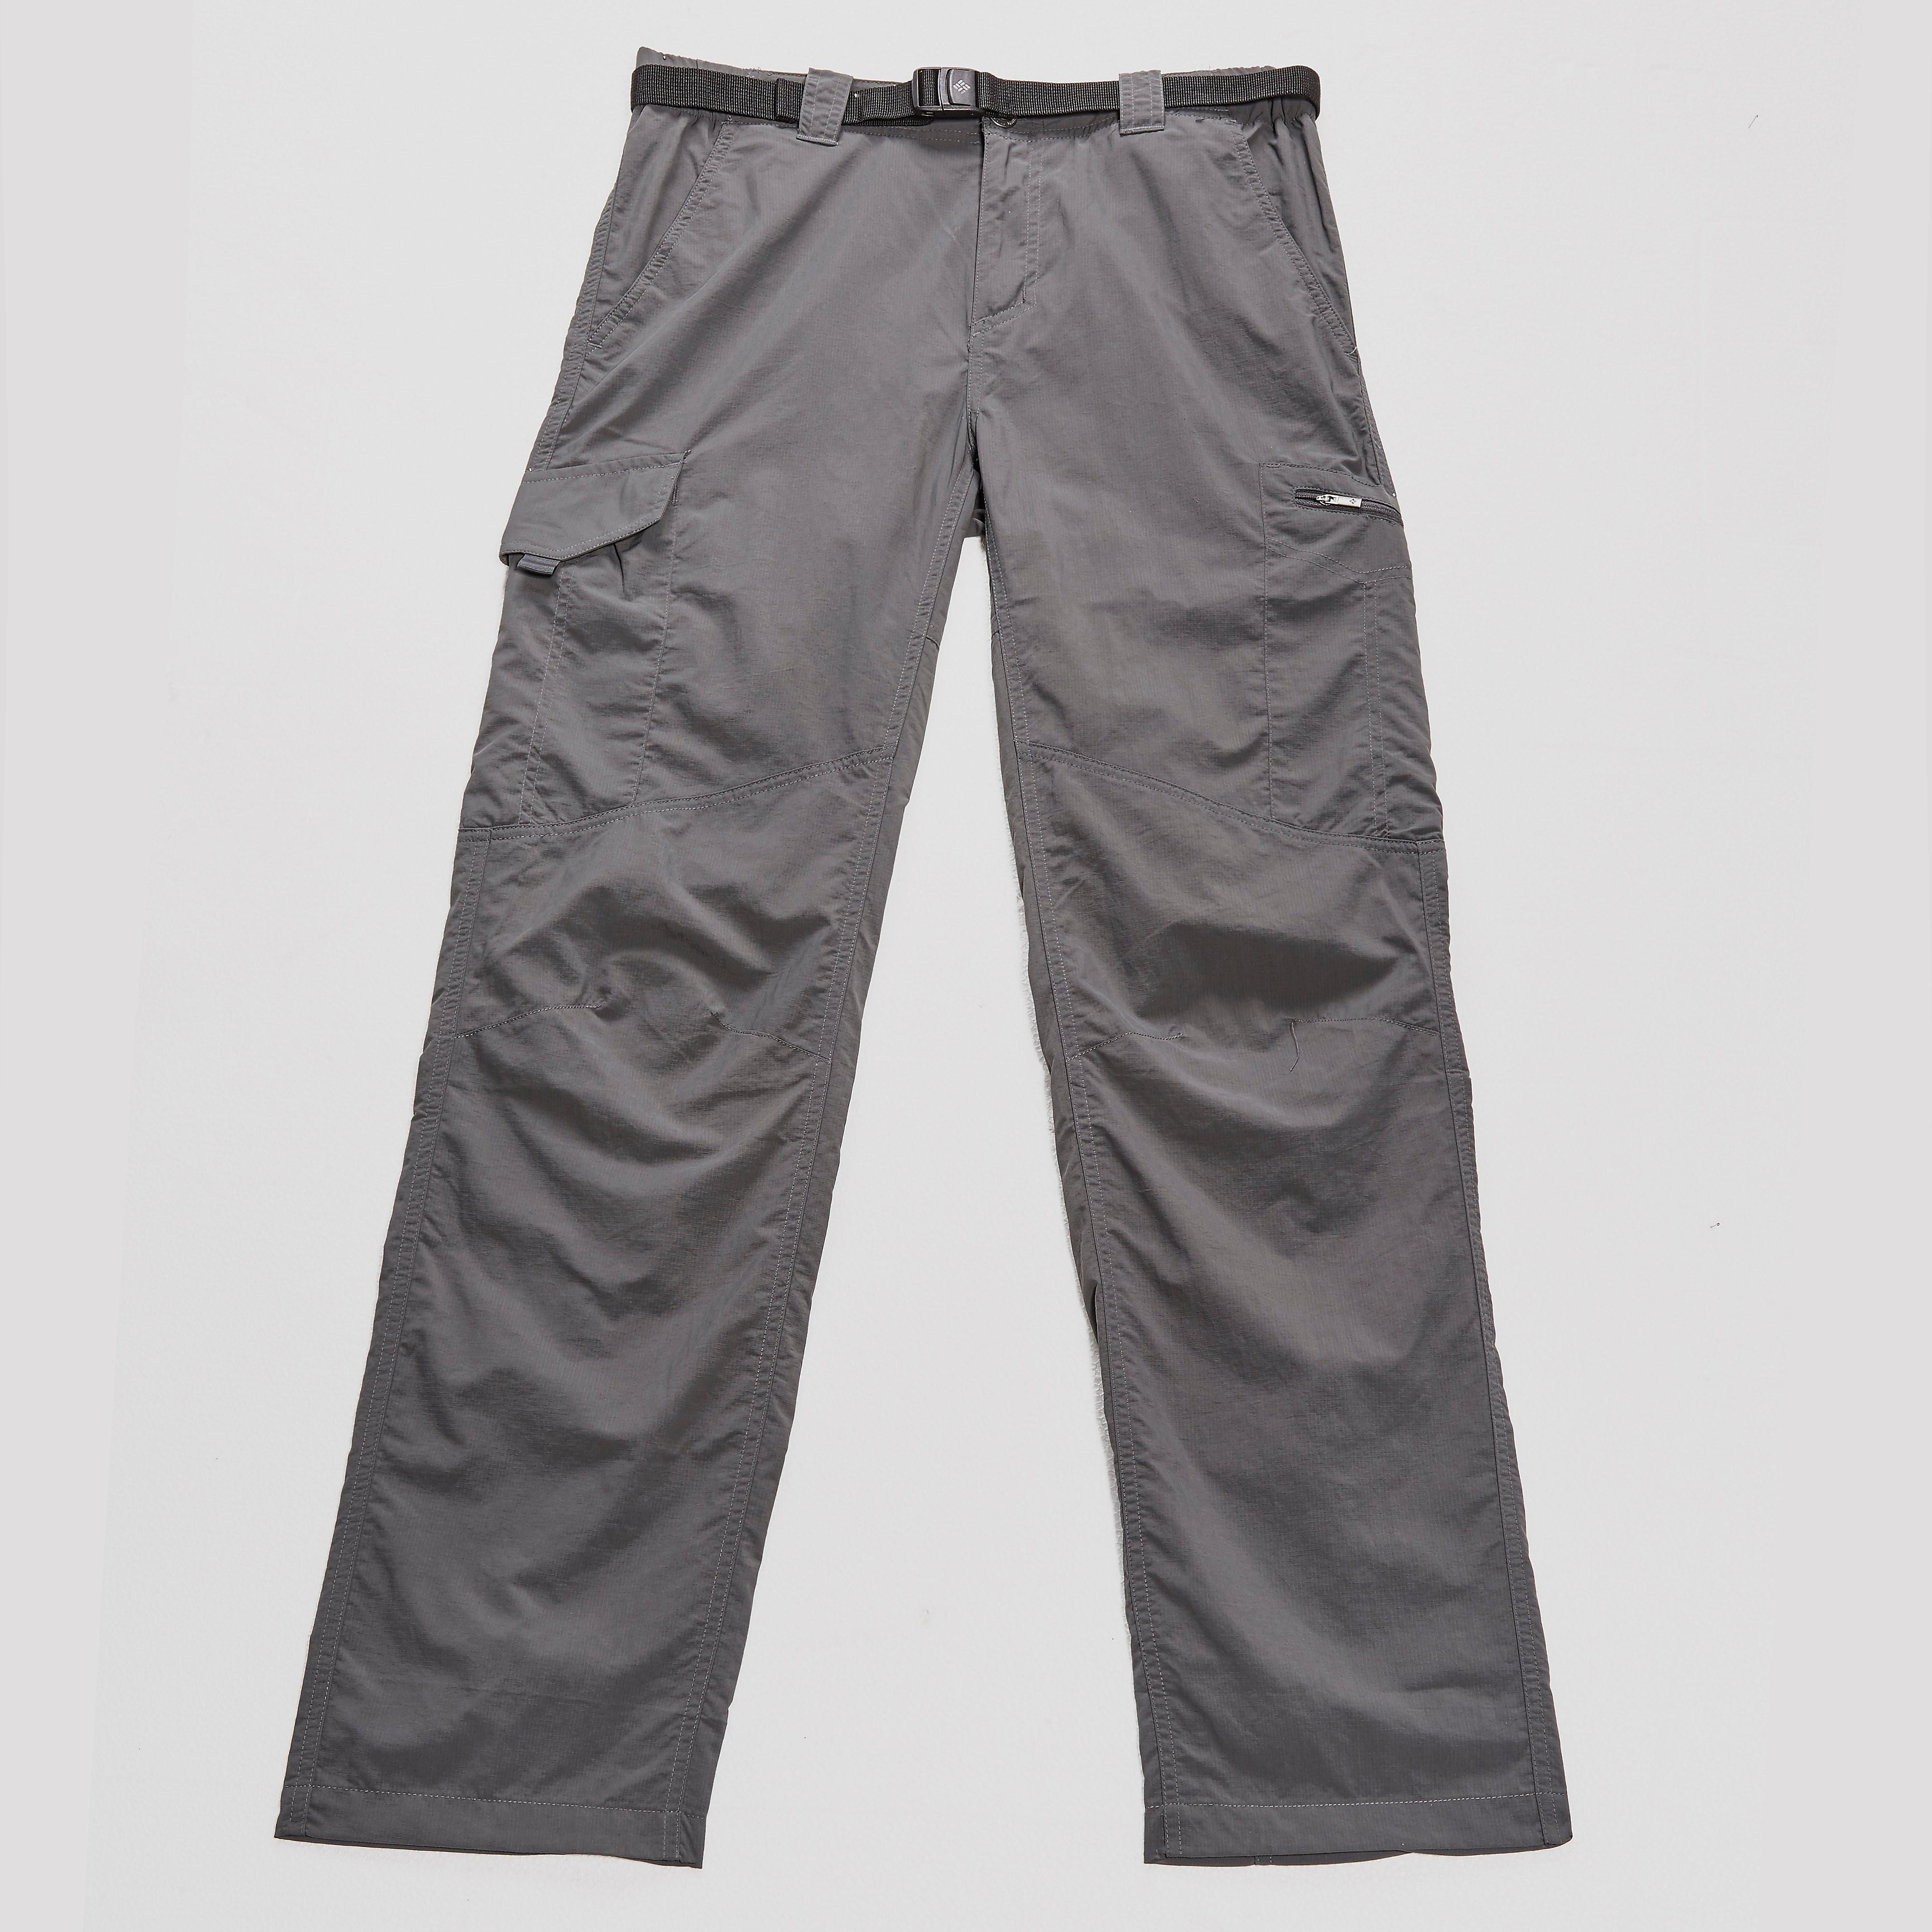 Columbia Silver Ridge Cargo Trousers